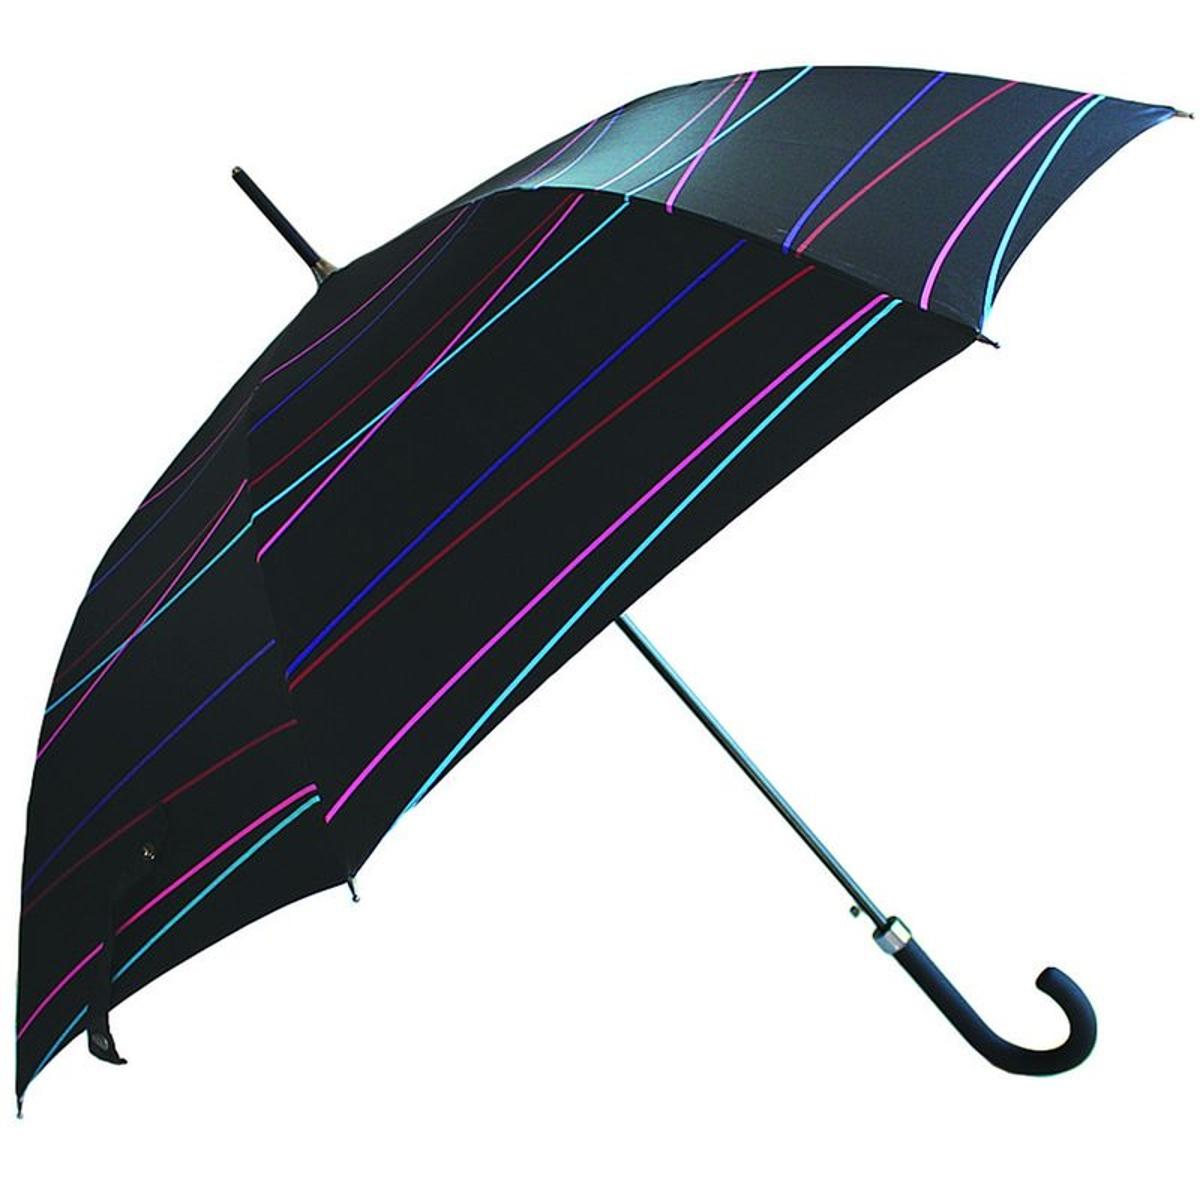 Parapluie NEYRAT Autun - Motif graphique ligne - Noir